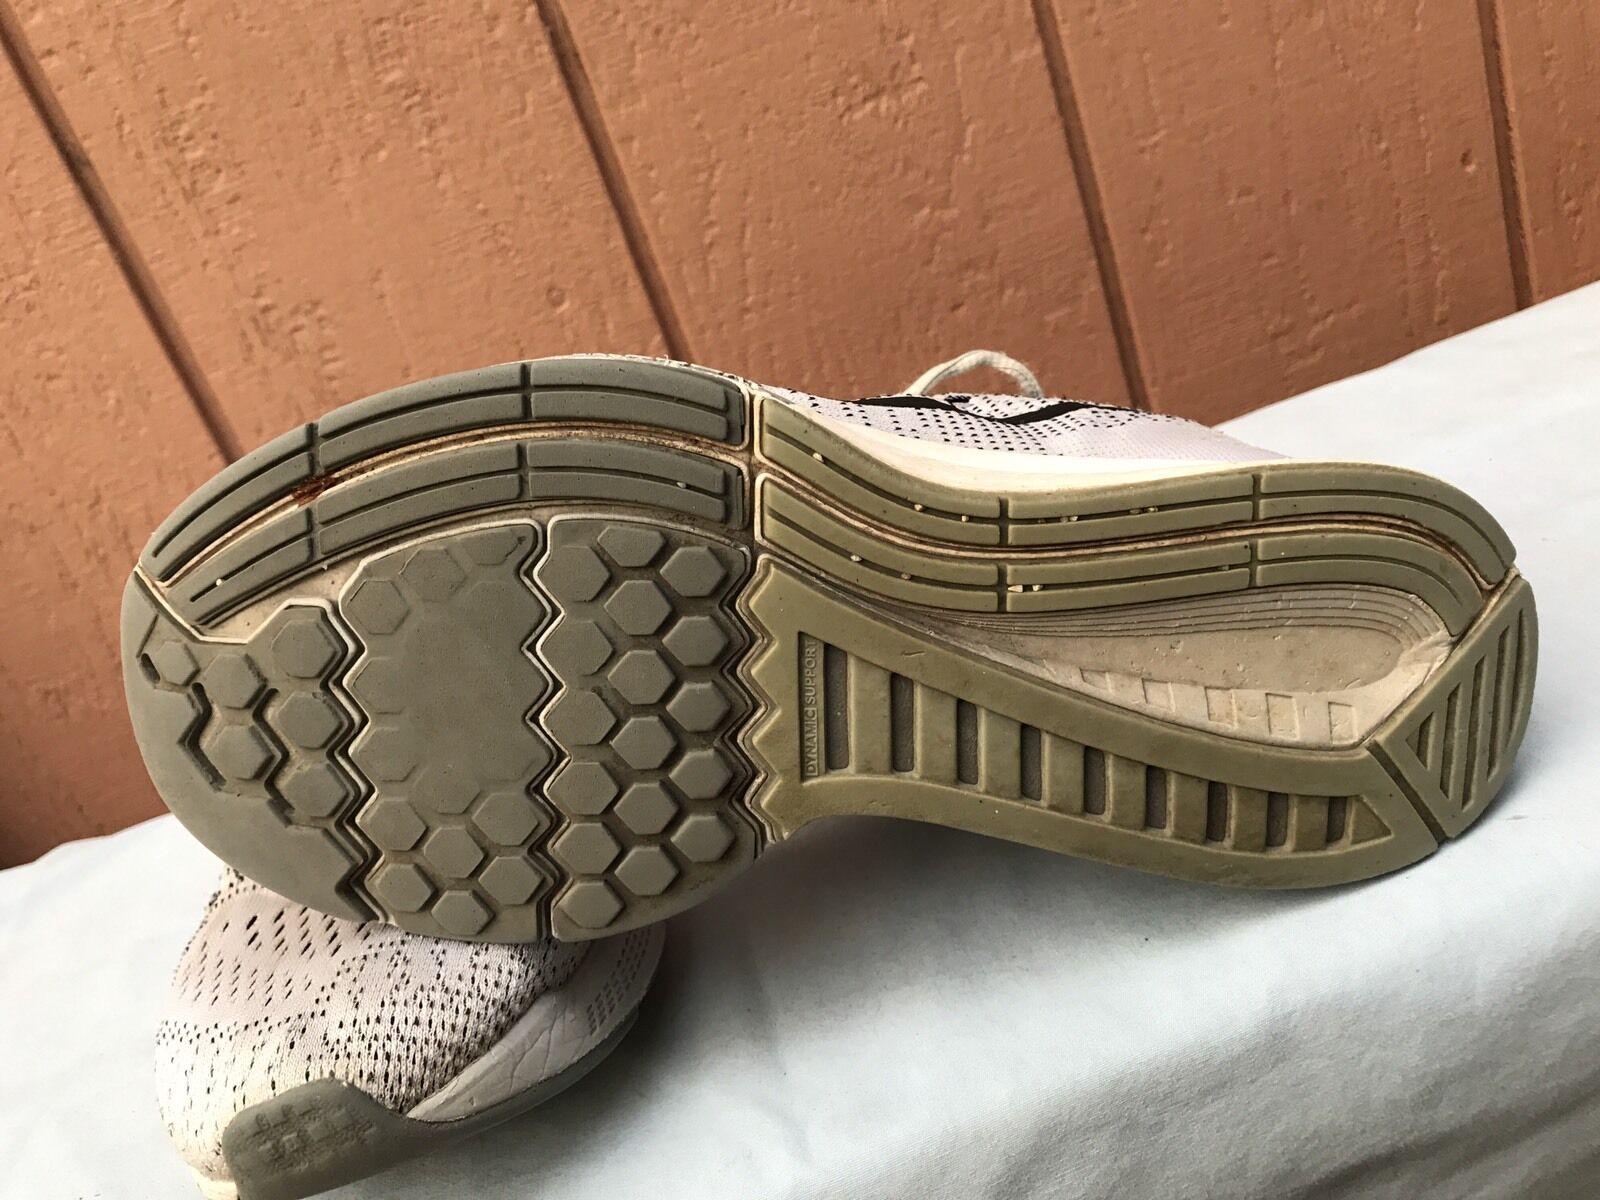 229ac70b9a357 ... Nike Wmns Free RN Flyknit Flyknit Flyknit 2017 Black Stealth Grey Women  Running Shoes 880844- ...